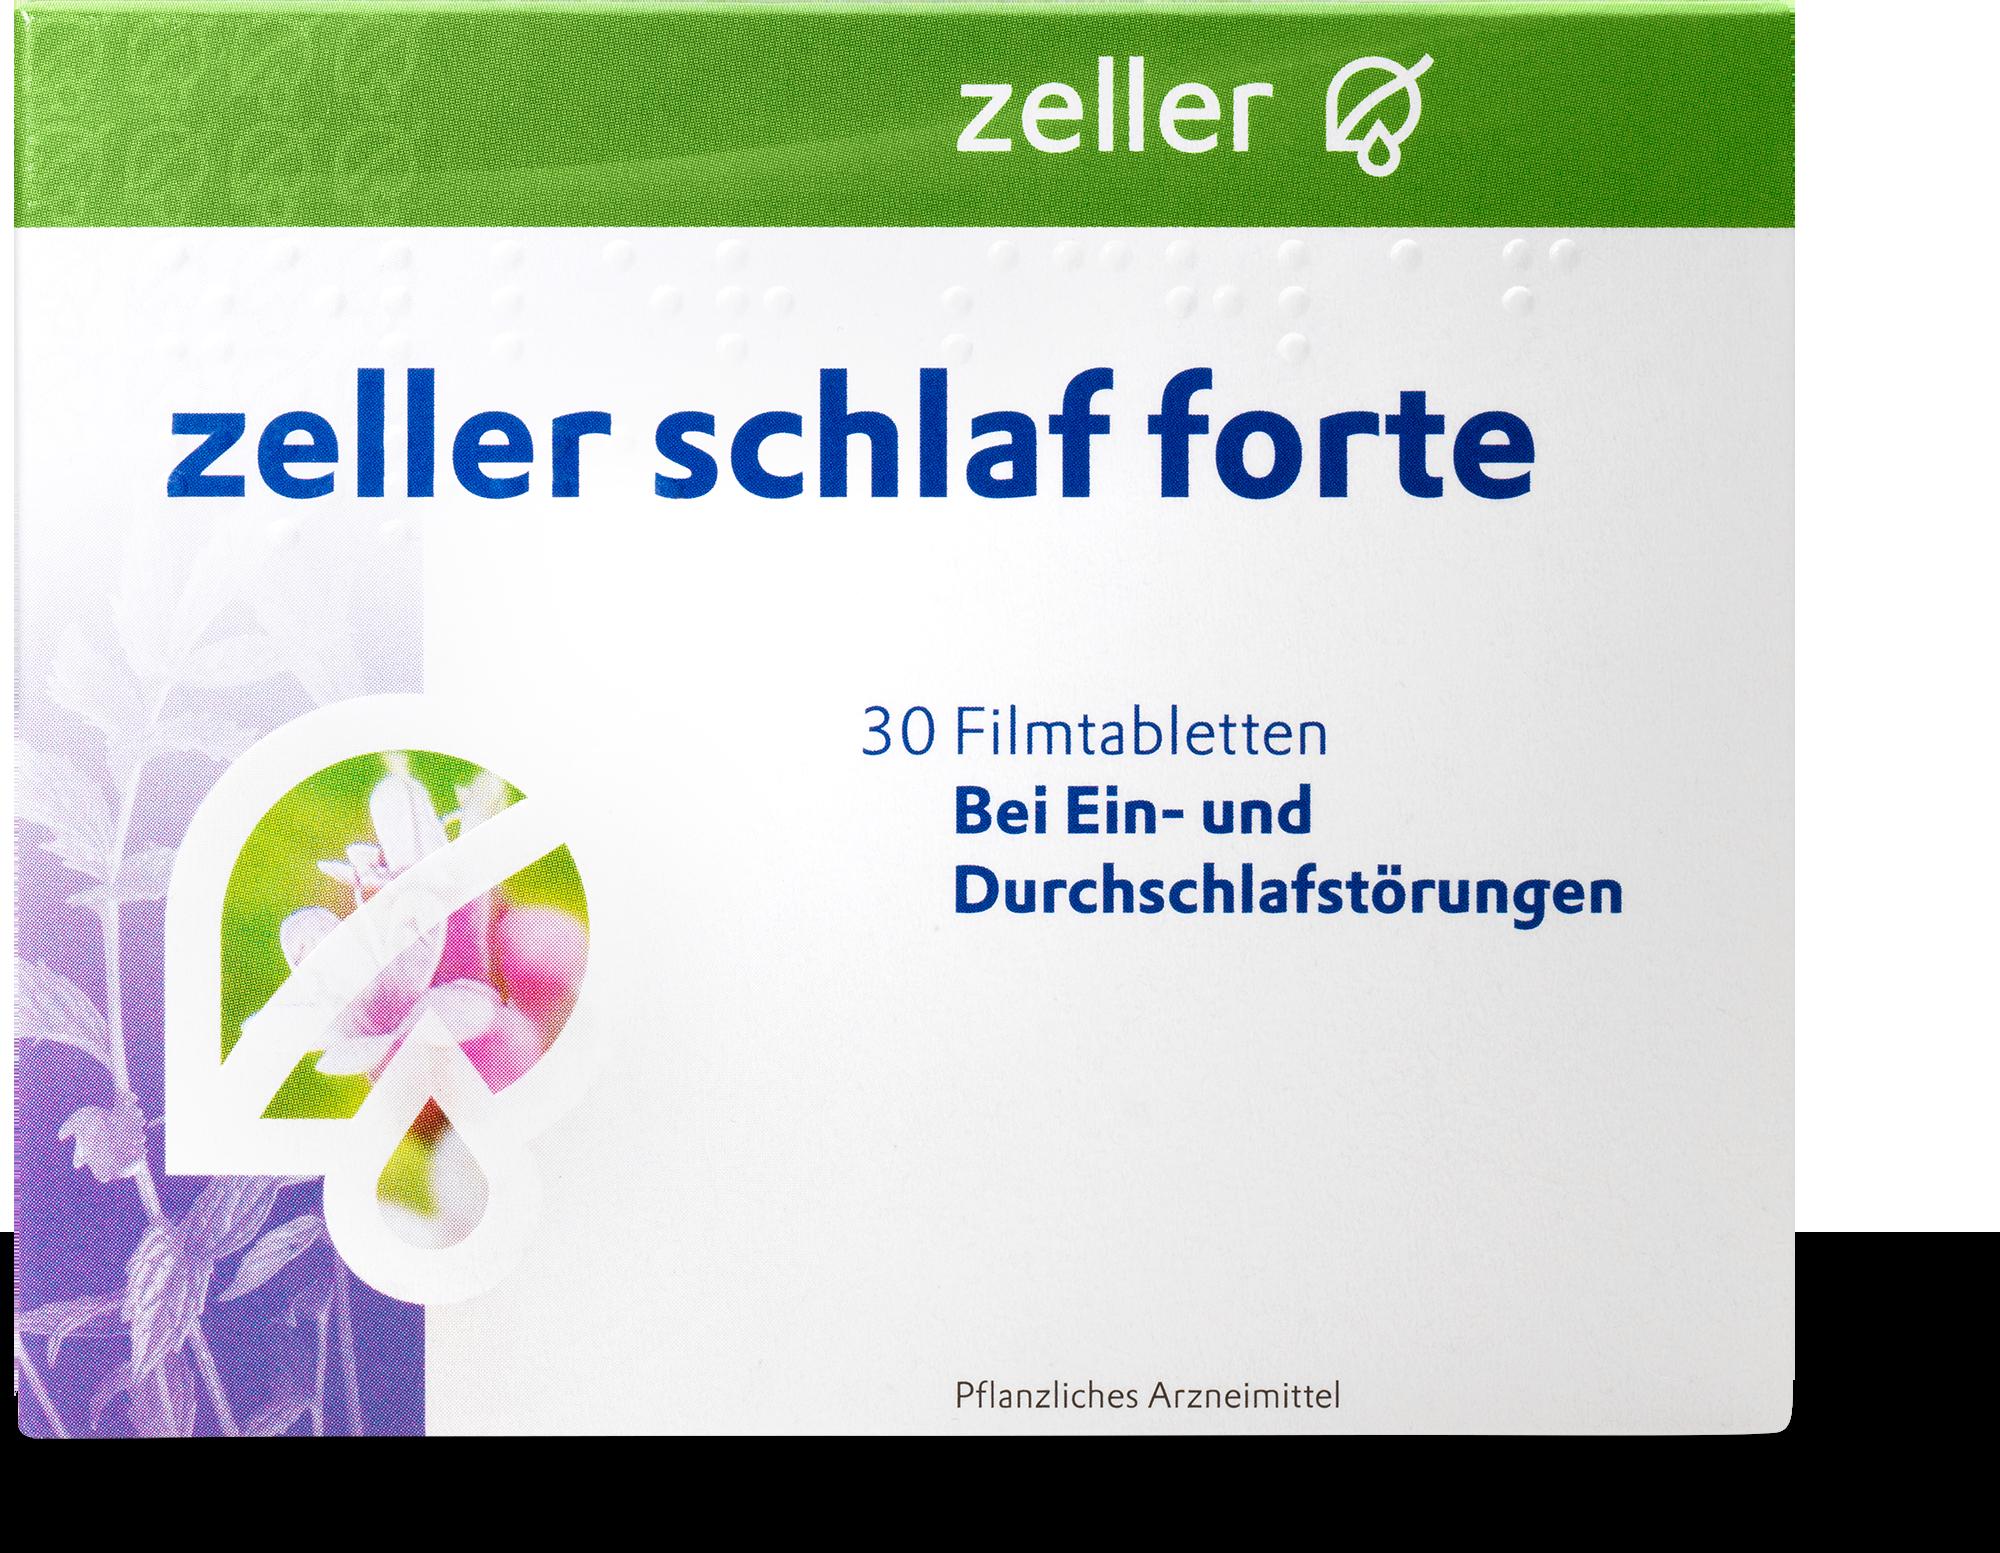 ZELL_zeller_schlaf_forte_30Filmtabl_de_DL_2000px